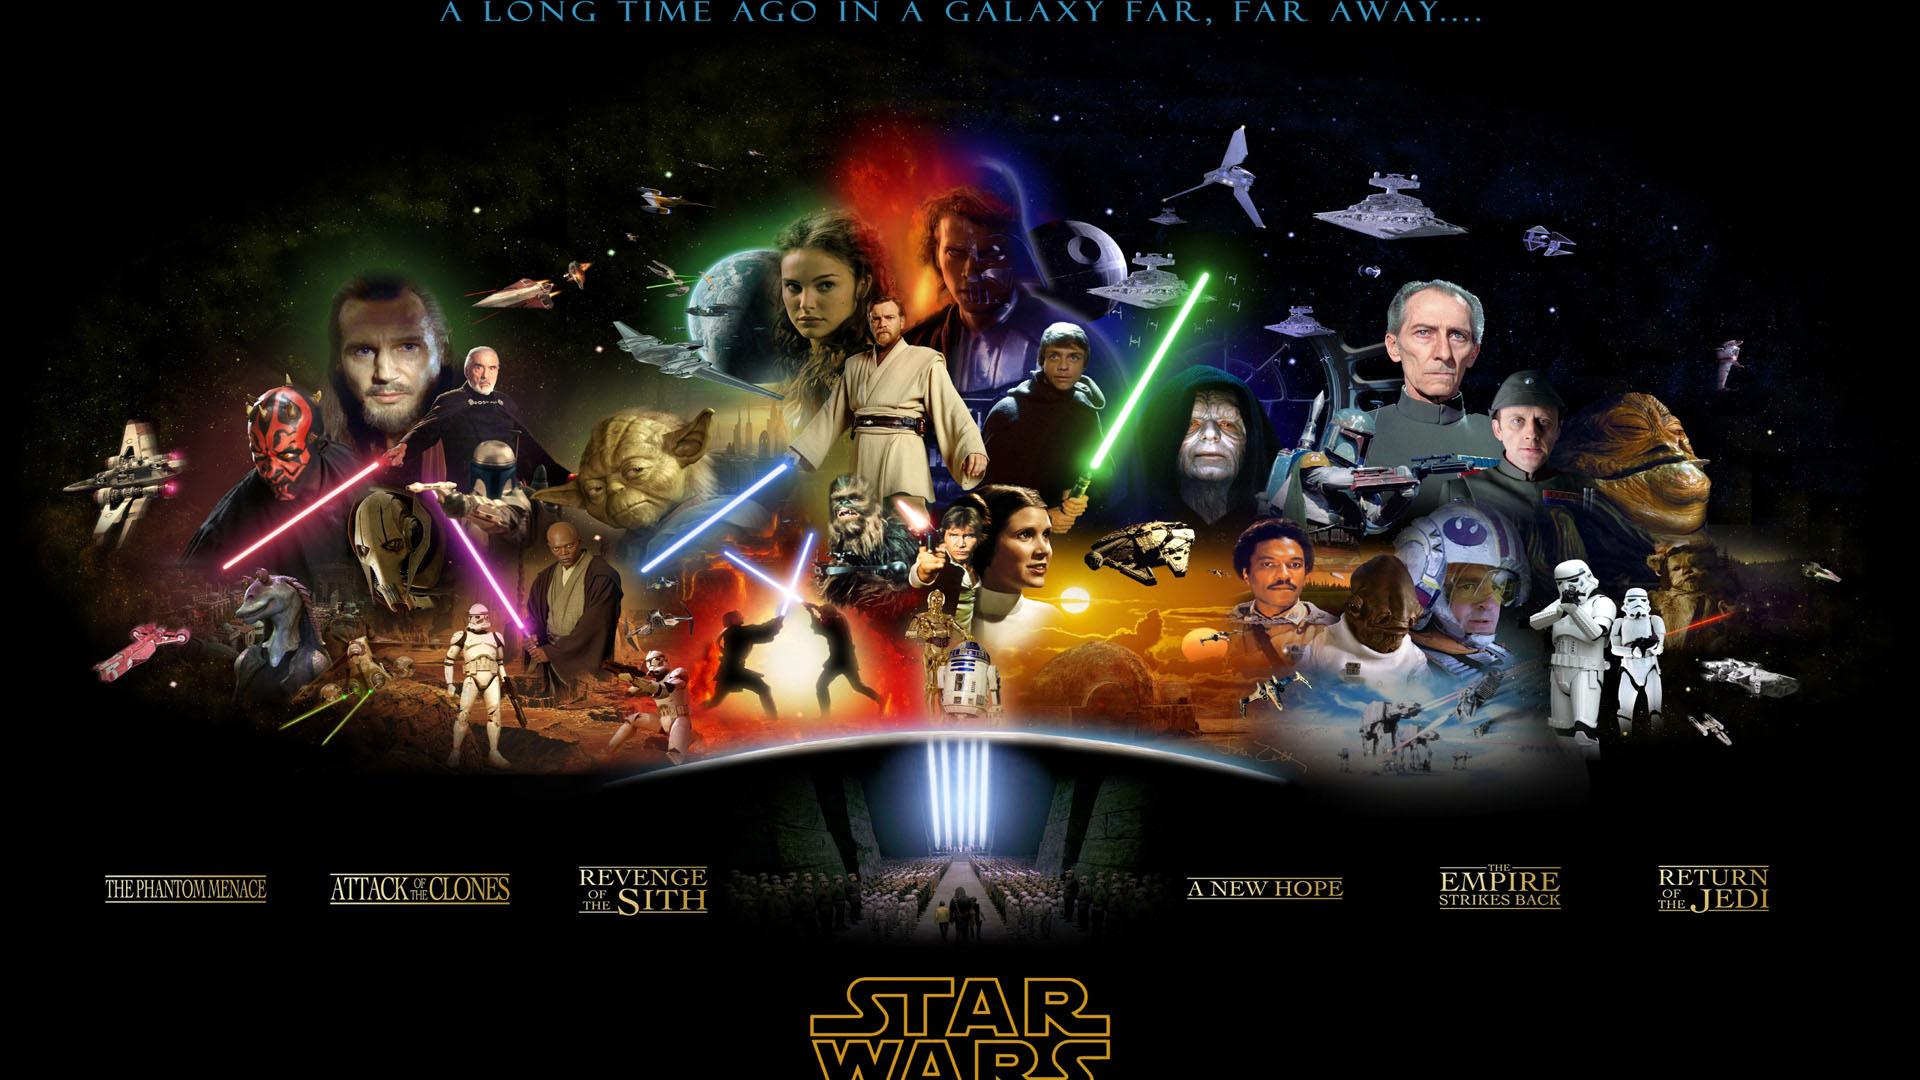 Star Wars Wallpaper Hd 1080P fond ecran hd 1920x1080